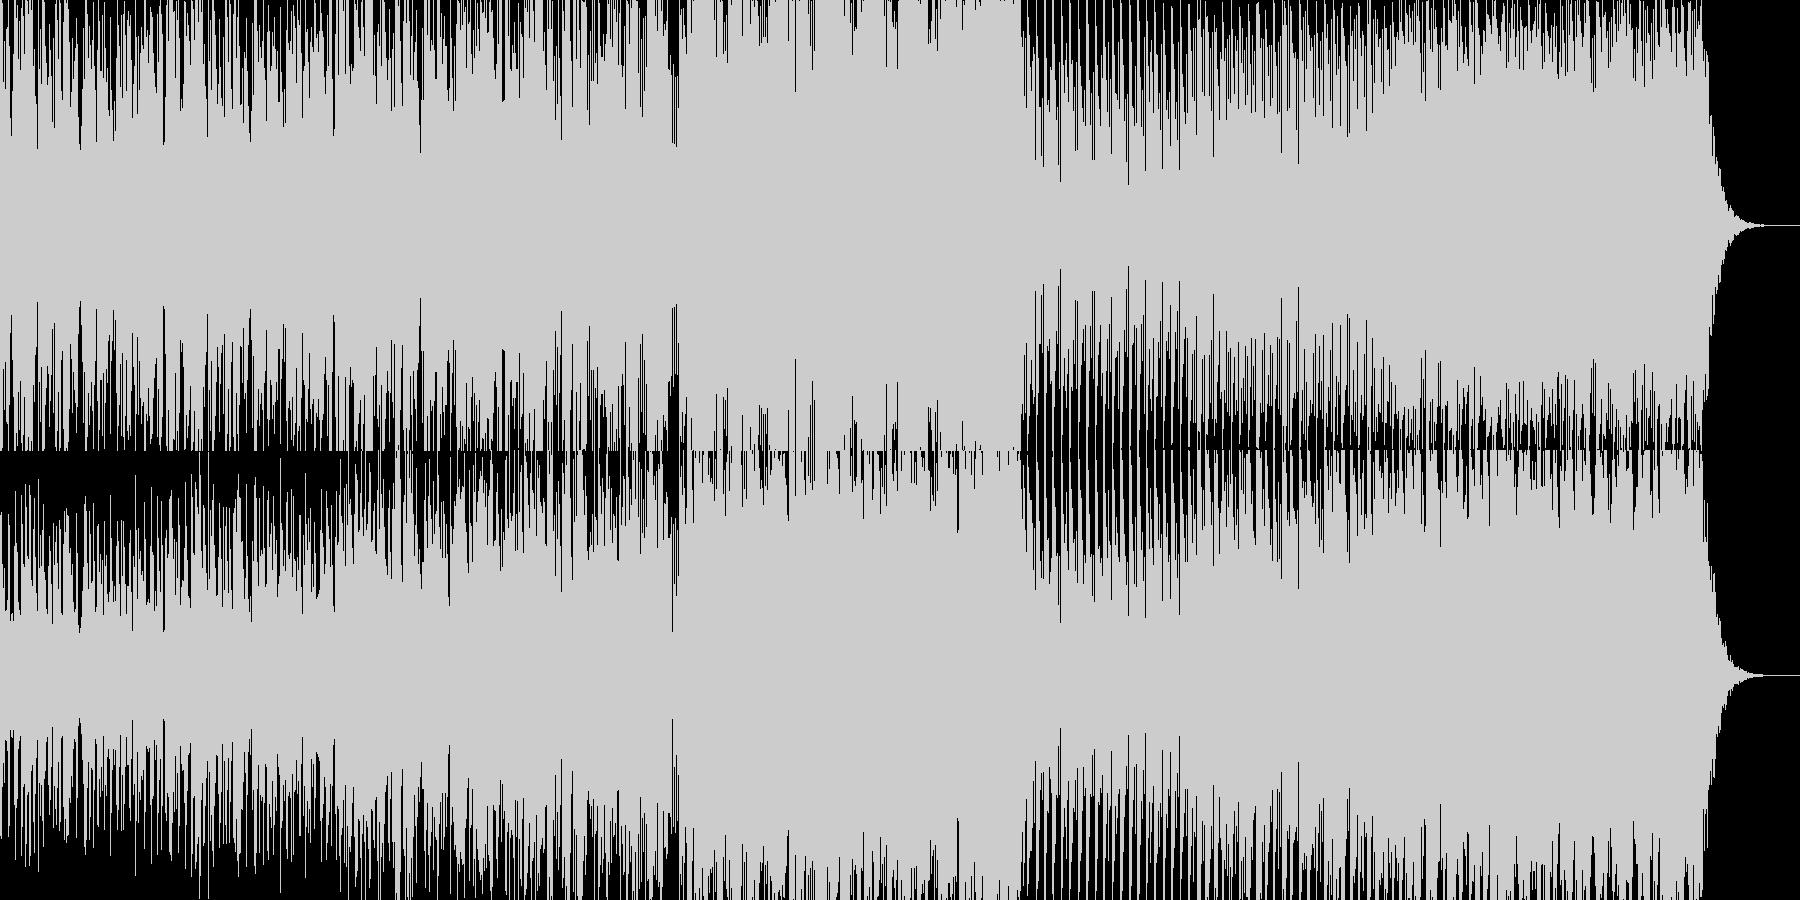 変拍子のきれいな音のテクノの未再生の波形